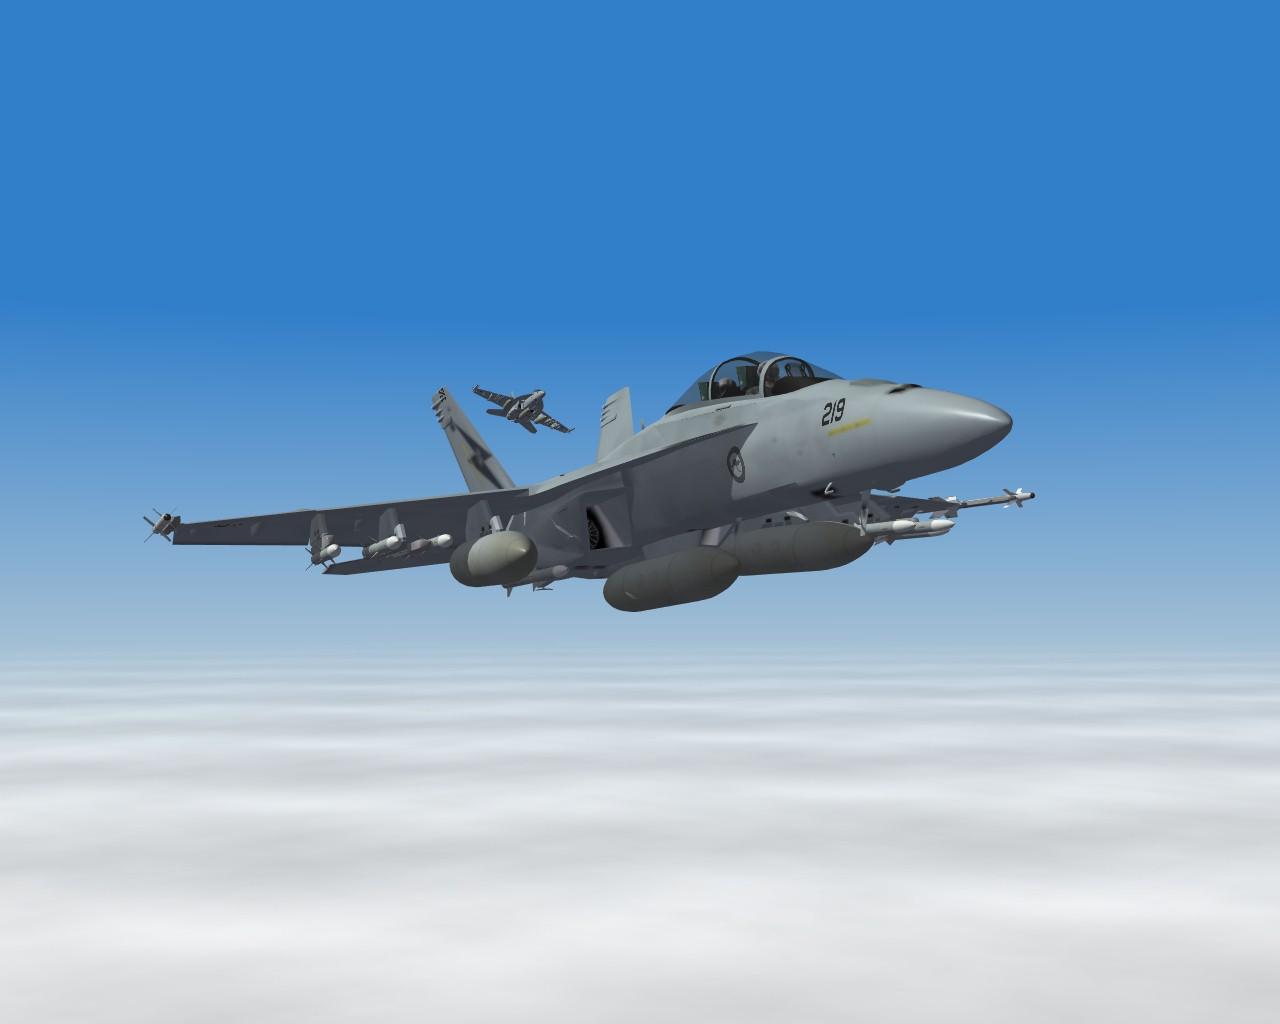 Cruising above the clouds in my RAAF F/A-18F Super Hornet.